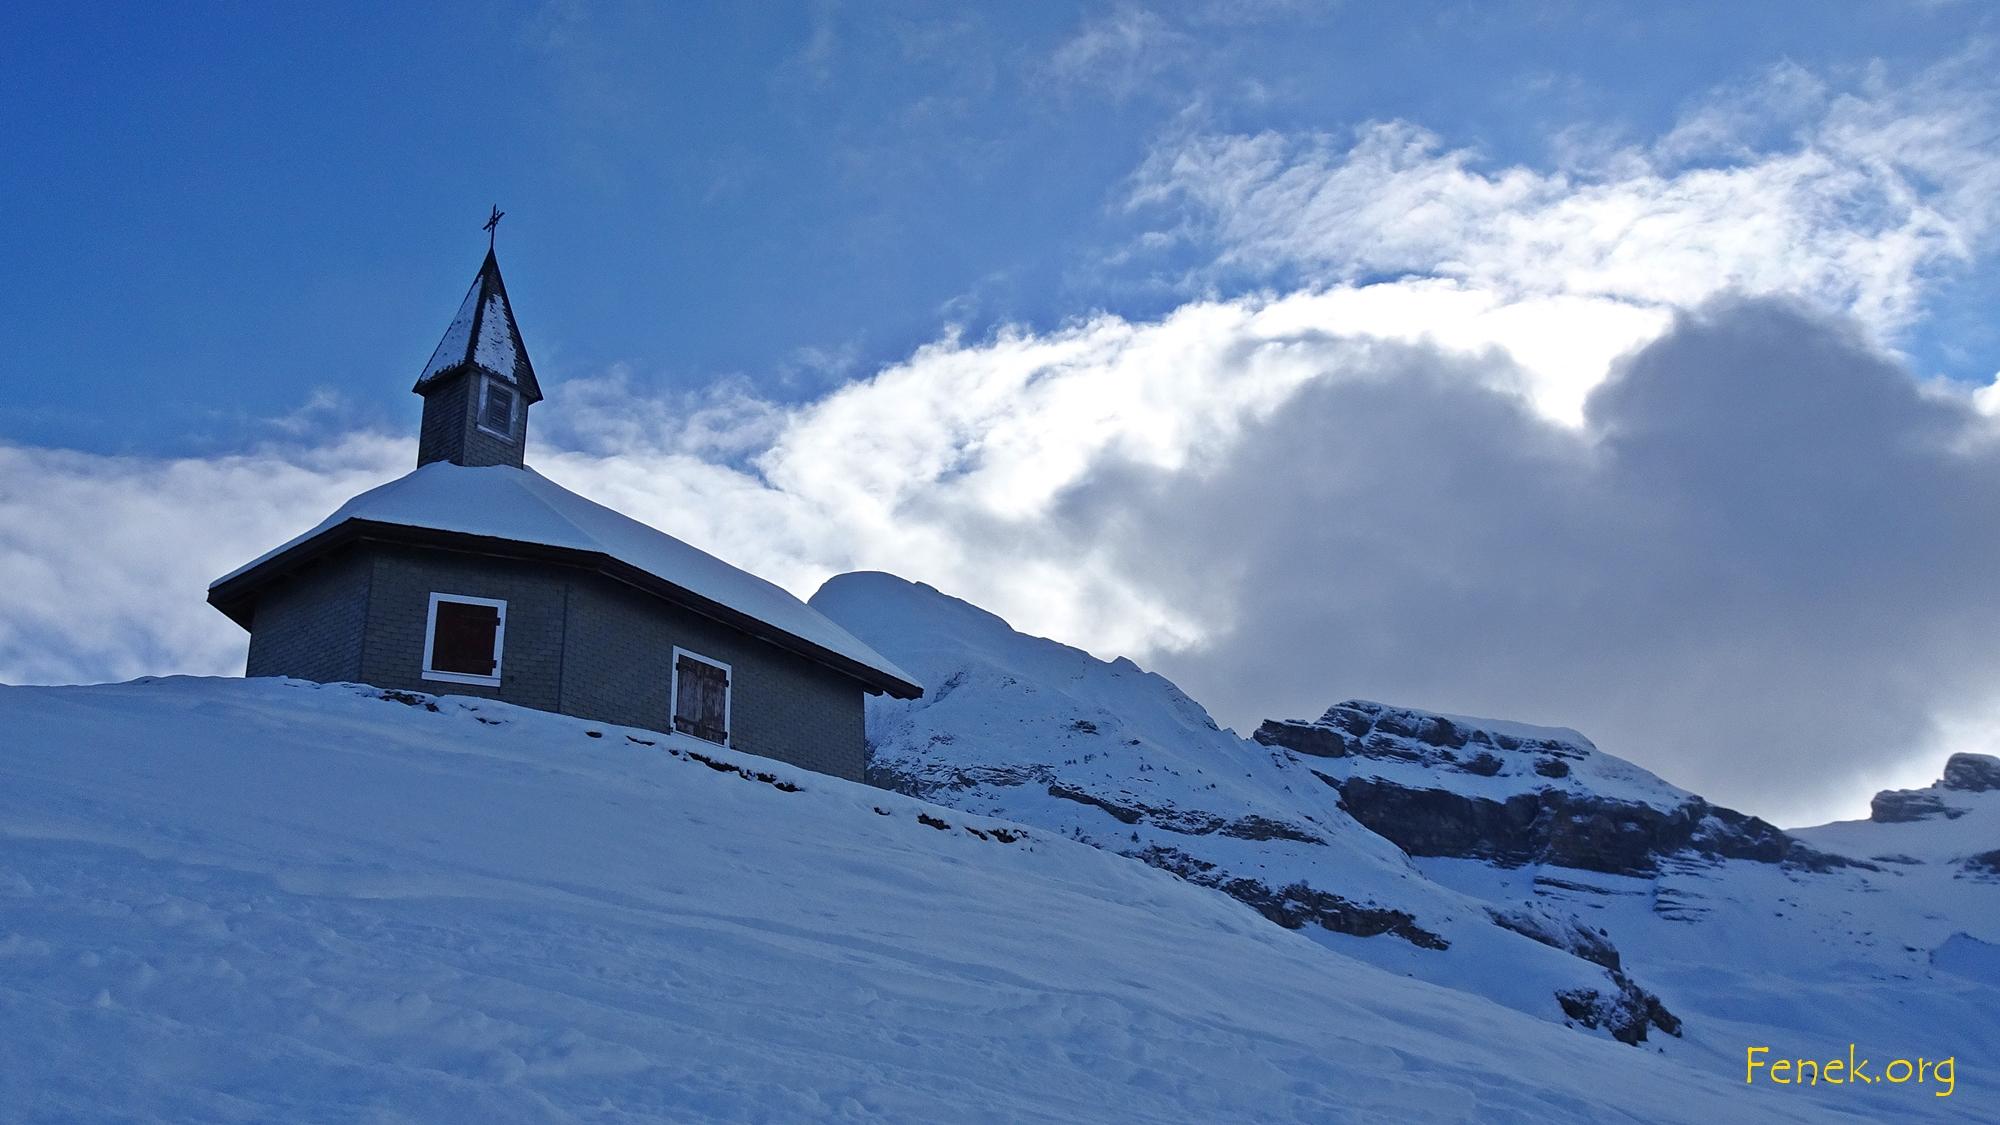 Kapelleli und Berg - gehört zusammen